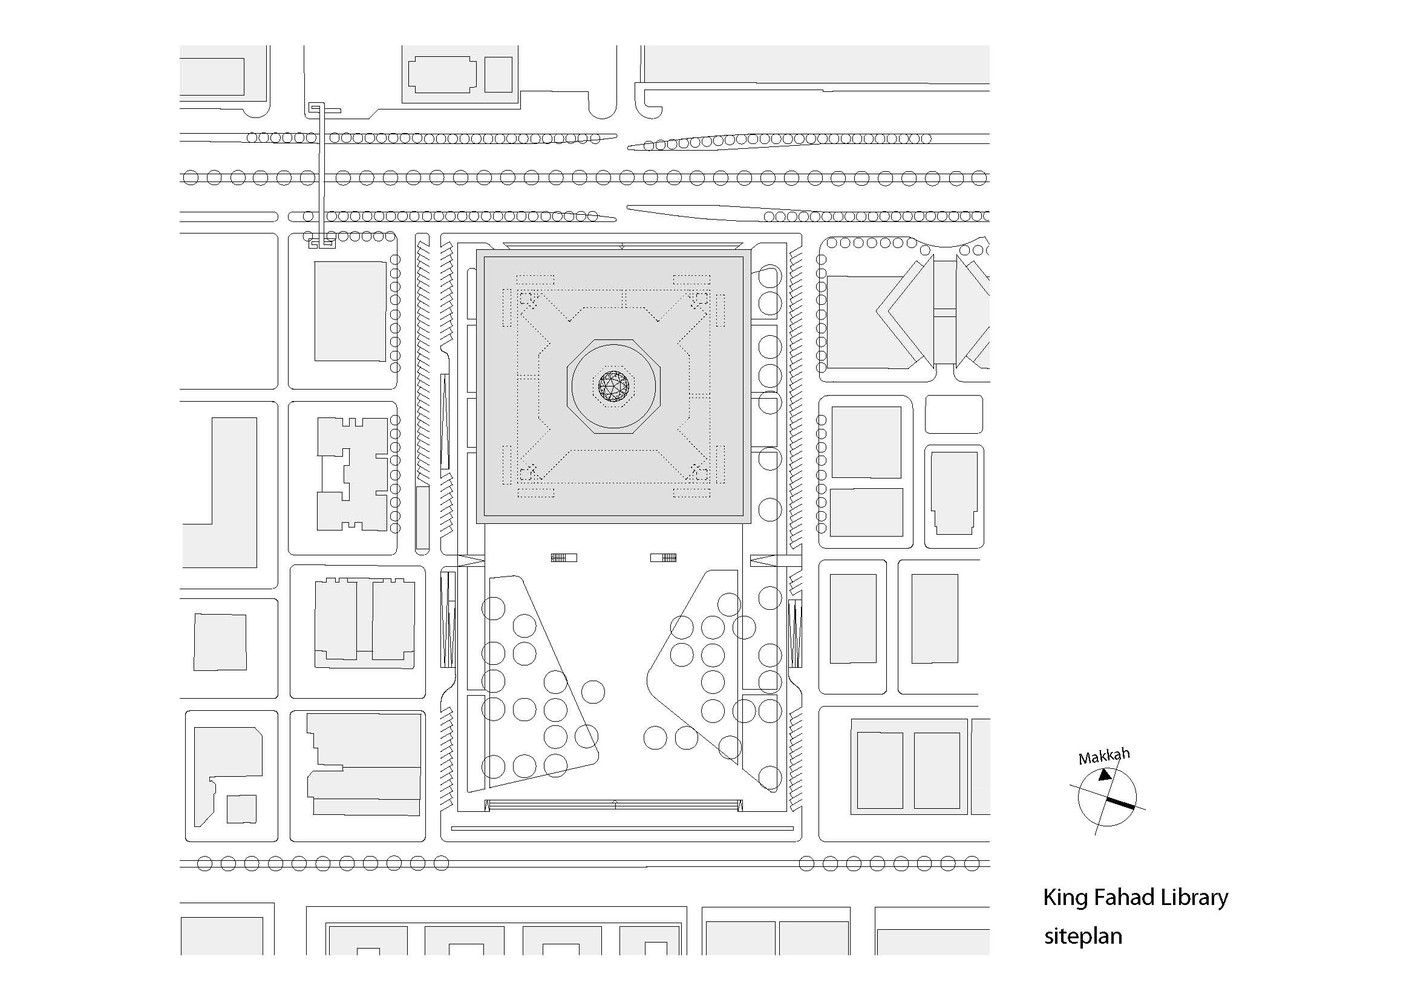 medium resolution of 1965 impala 2 speed wiper motor wiring king fahad national library floor plan